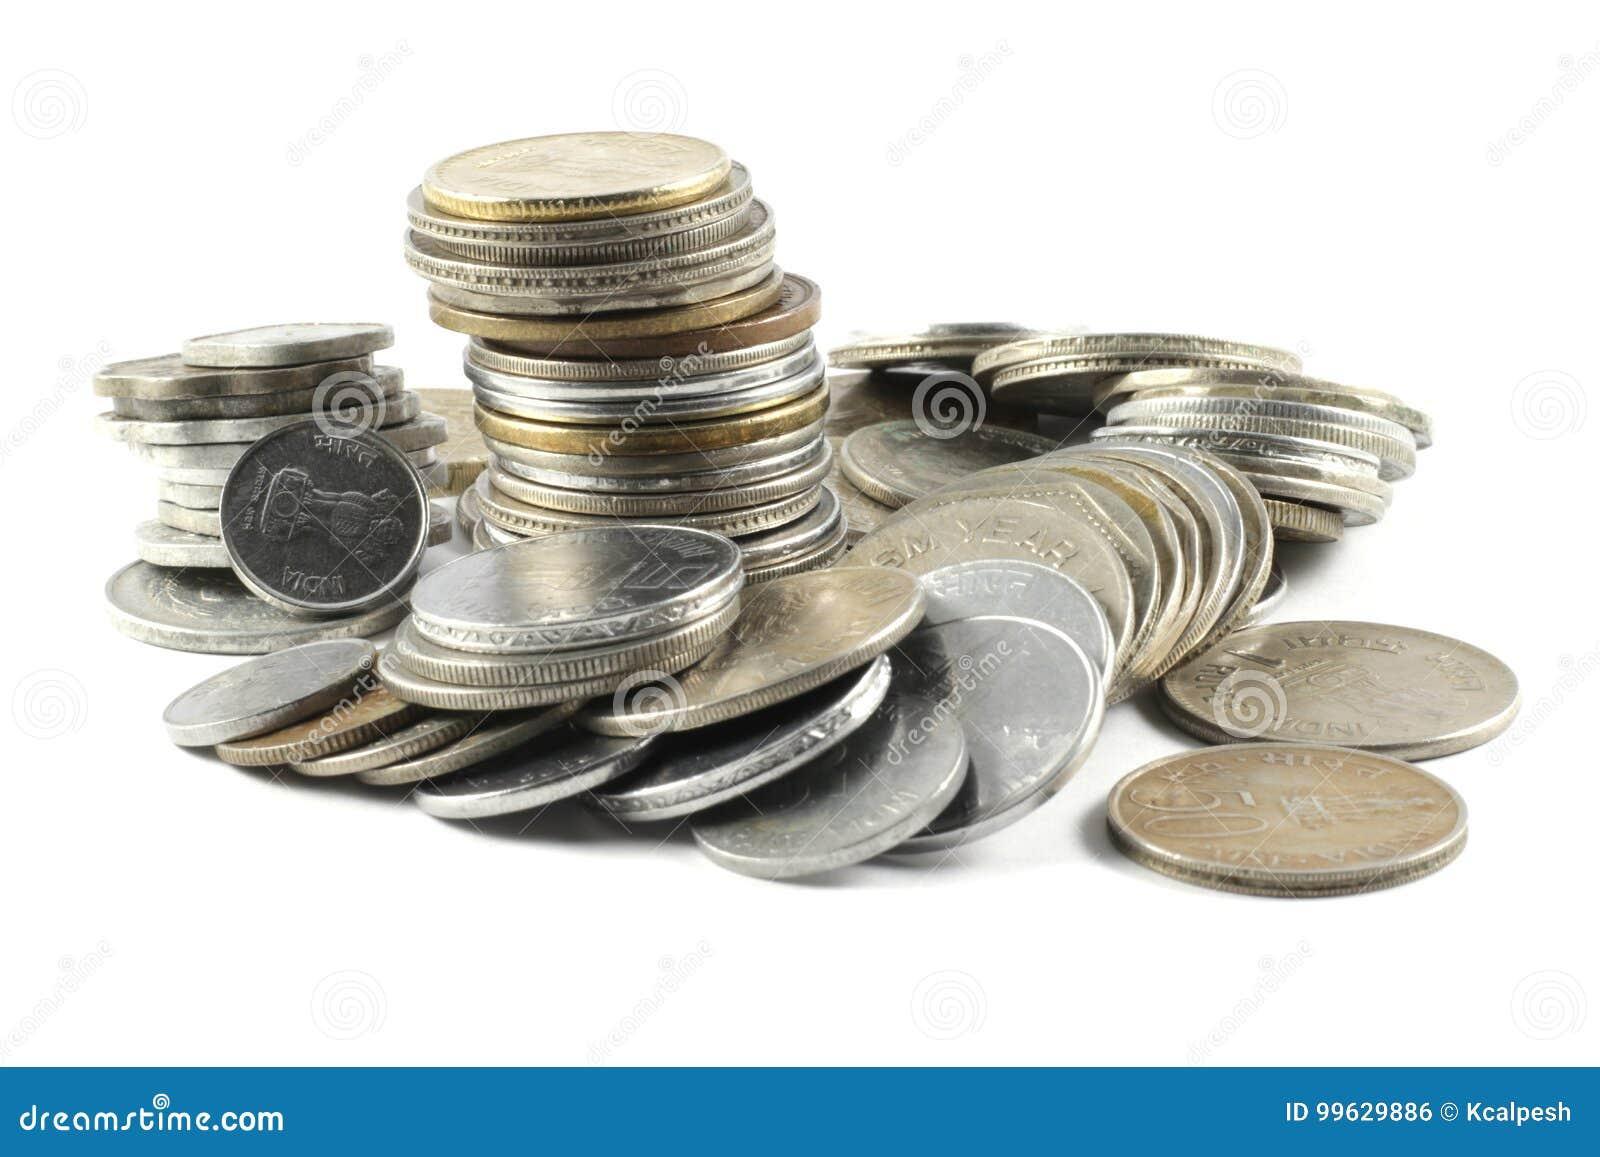 Ein Bündel Indische Währungs Münzen Stockfoto Bild Von Bündel